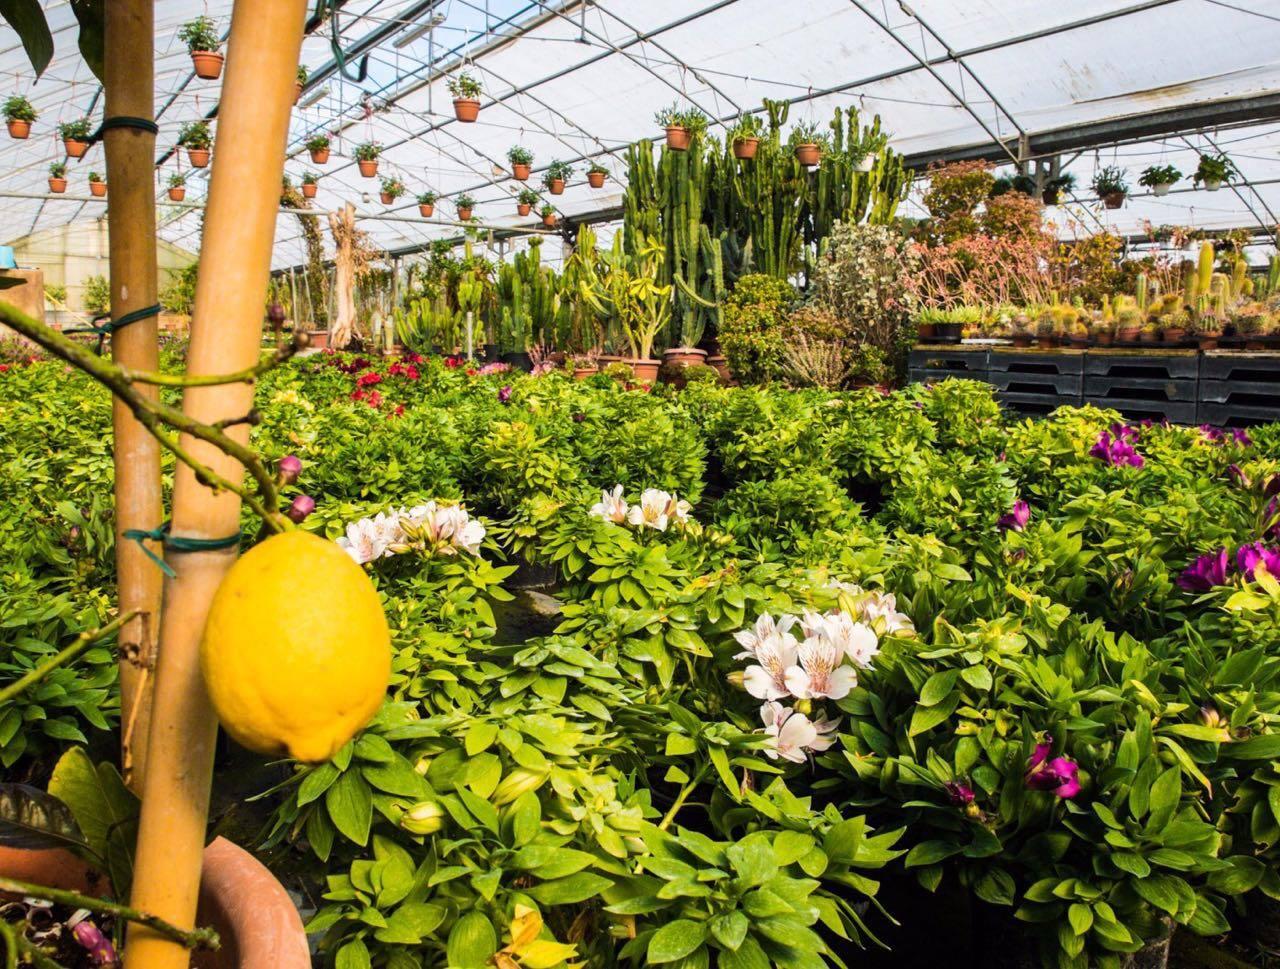 un limone e dei cactus sullo sfondo